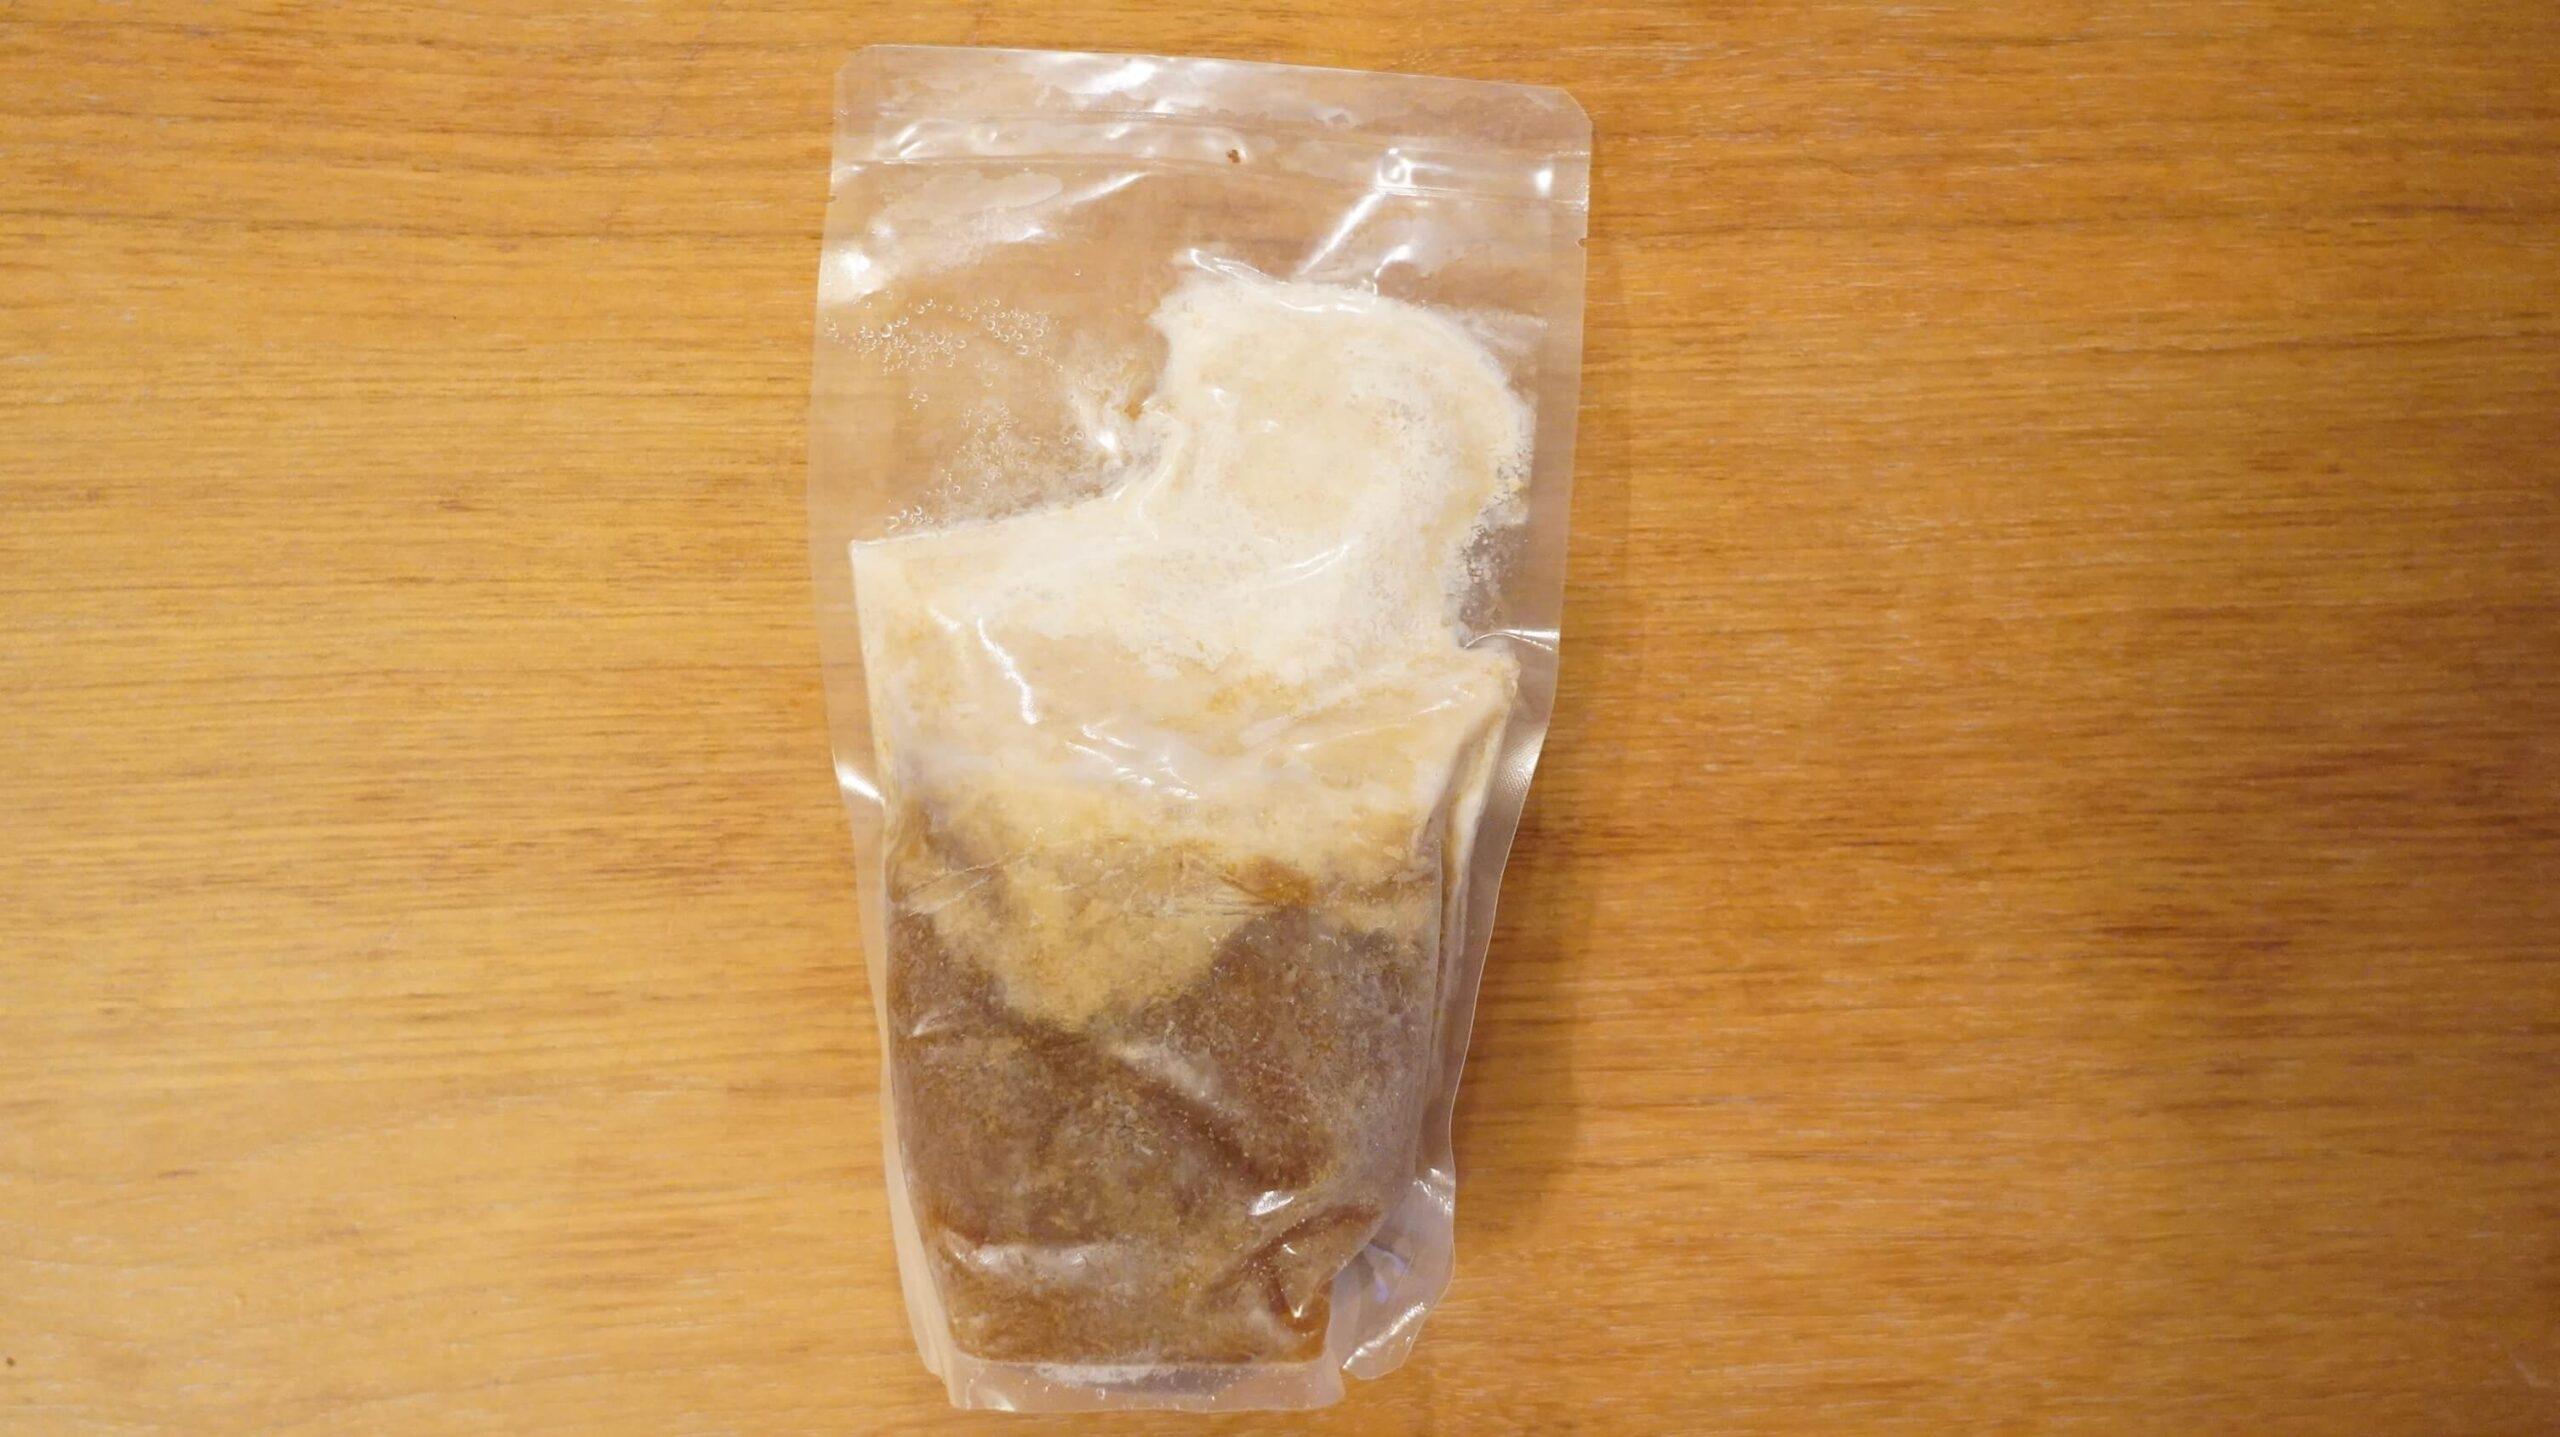 通販でお取り寄せした「バリ男」のラーメンのスープの冷凍状態の写真